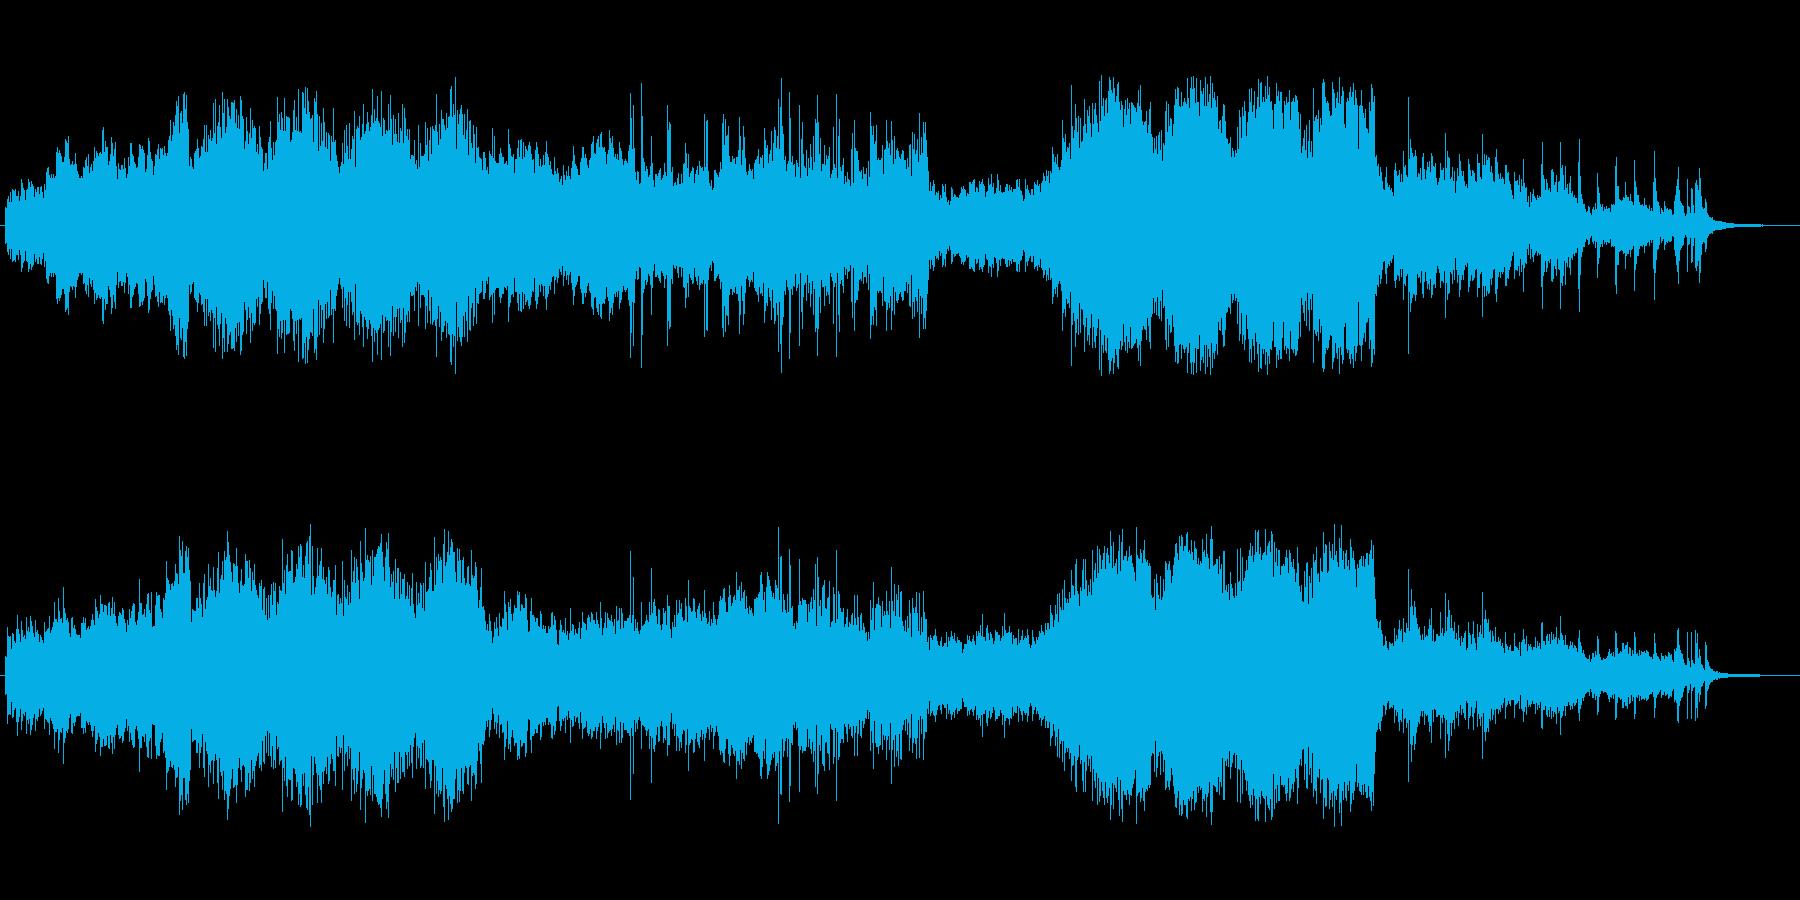 トレーラー(予告編):ハリウッド風の再生済みの波形